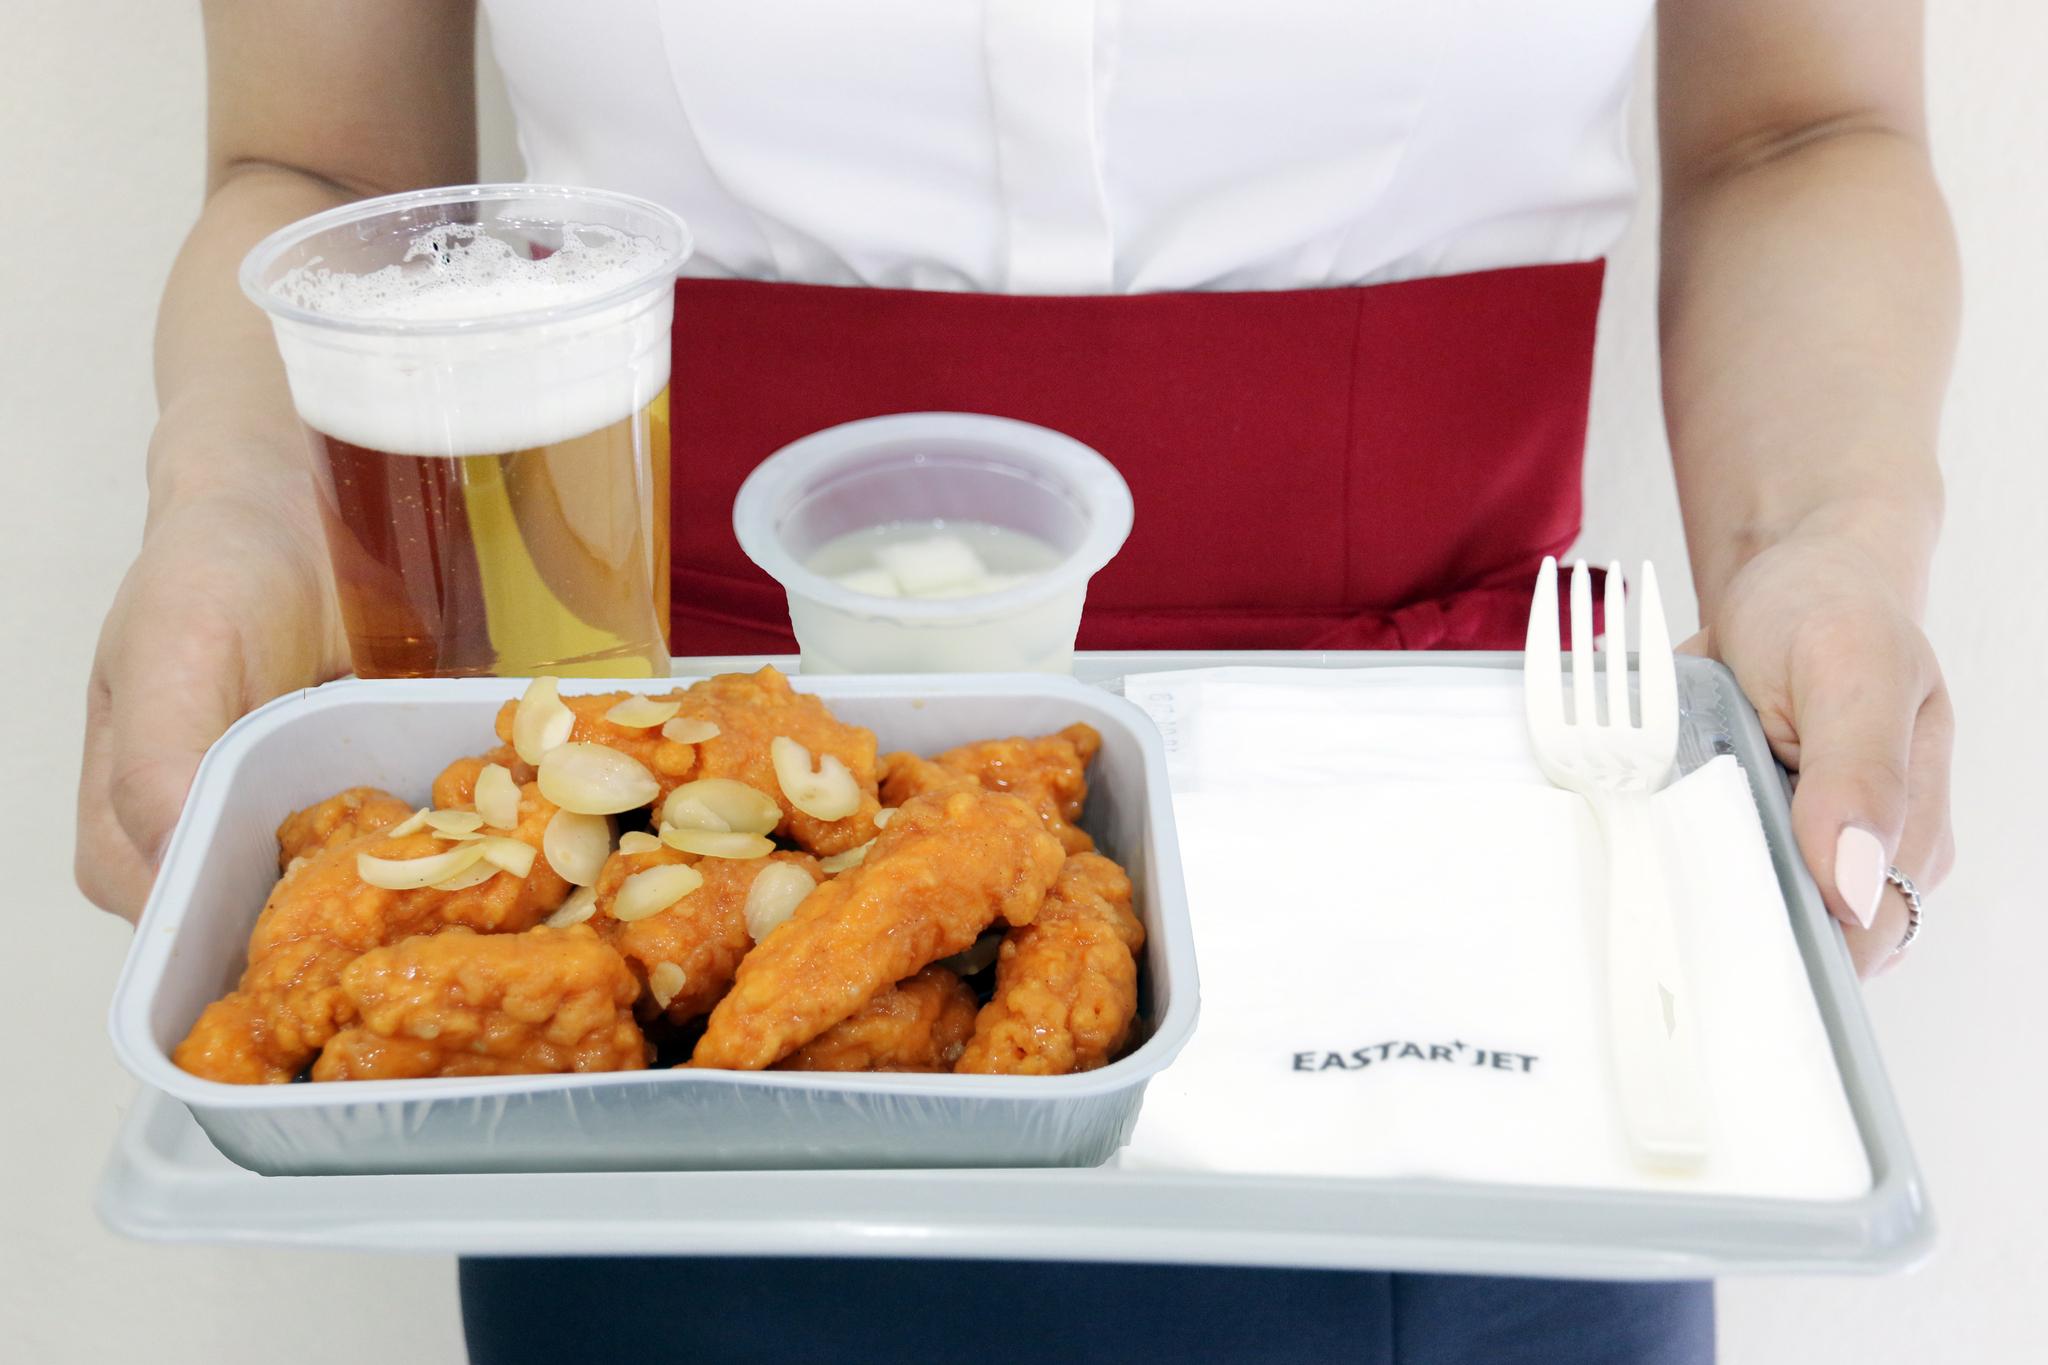 요즘 저비용항공에서는 별의별 음식을 맛볼 수 있다. 치맥부터 떡볶이·크림파스타까지, 국내 저비용항공사는 20개 이상의 메뉴를 갖췄다. 사진은 이스타항공의 BBQ 치킨 강정. [사진 이스타항공]